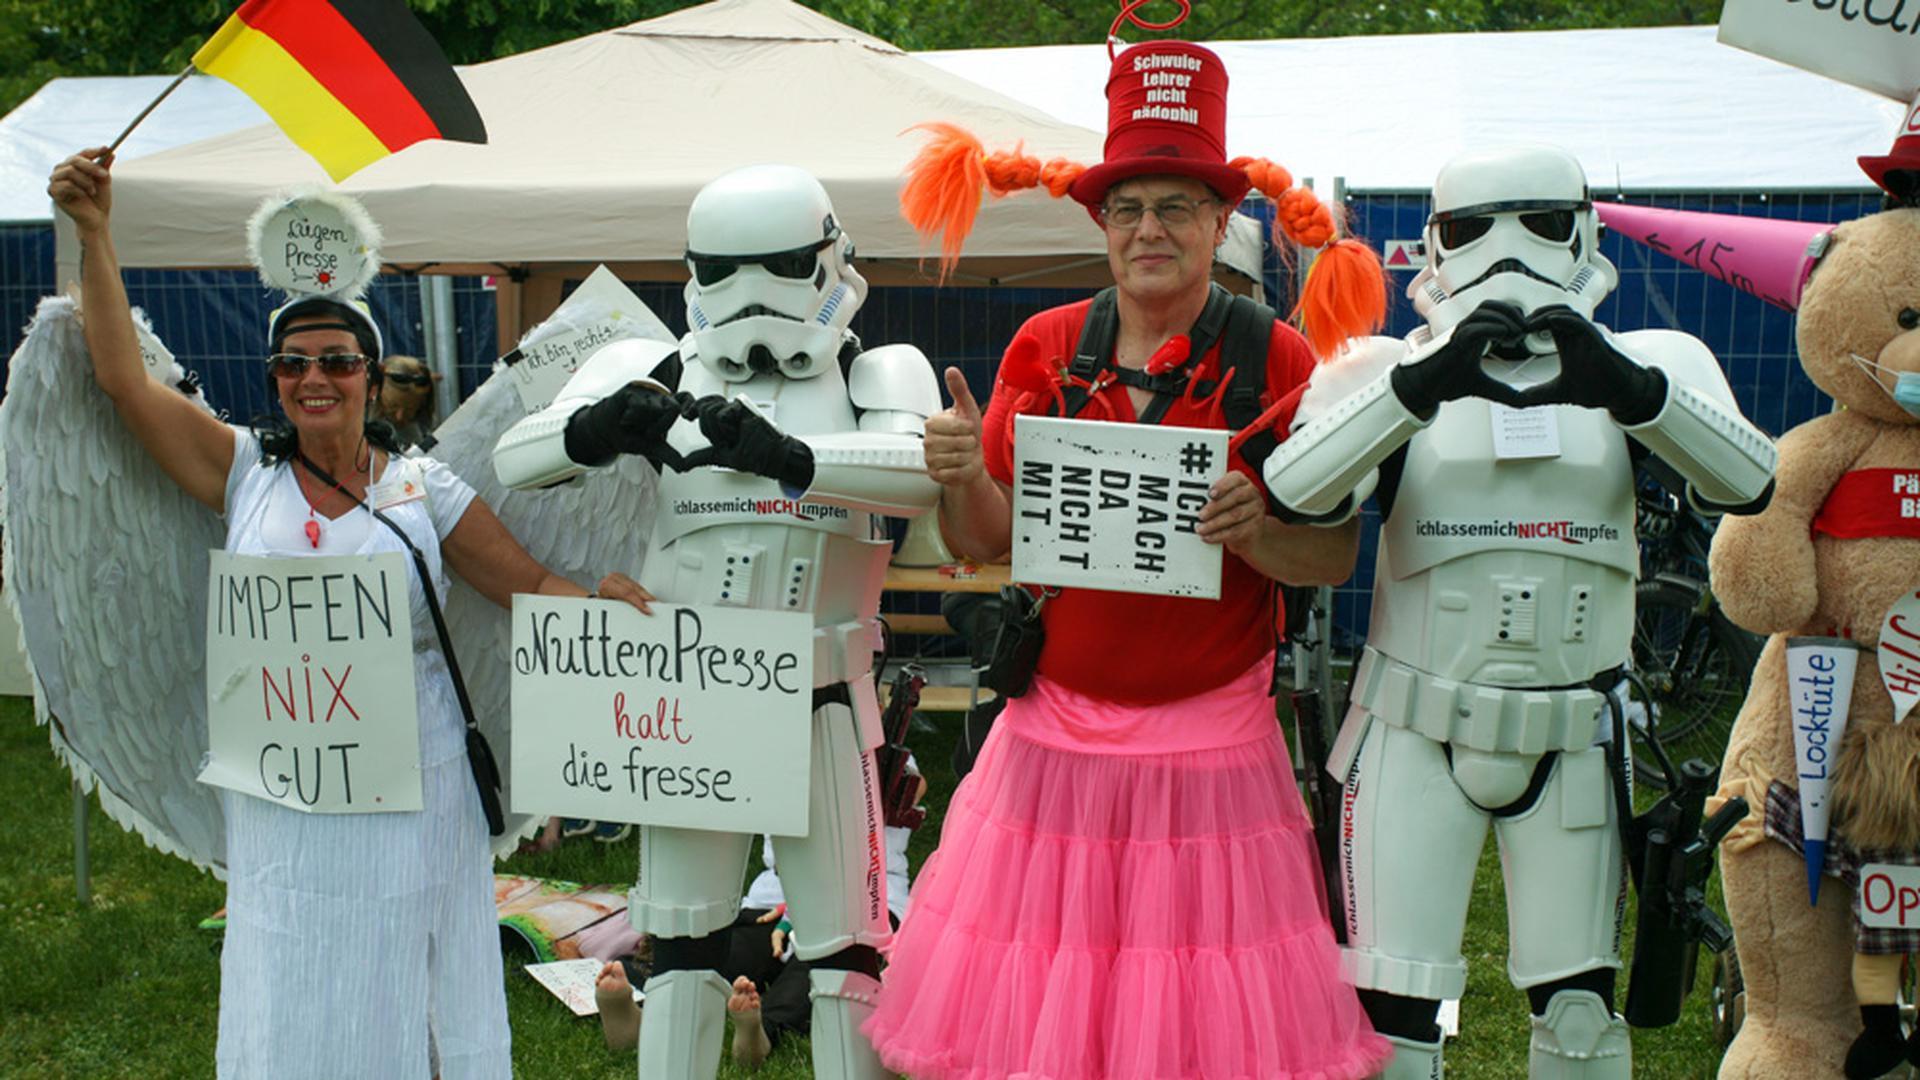 Querdenker mit Stormtroopern und Schildern.